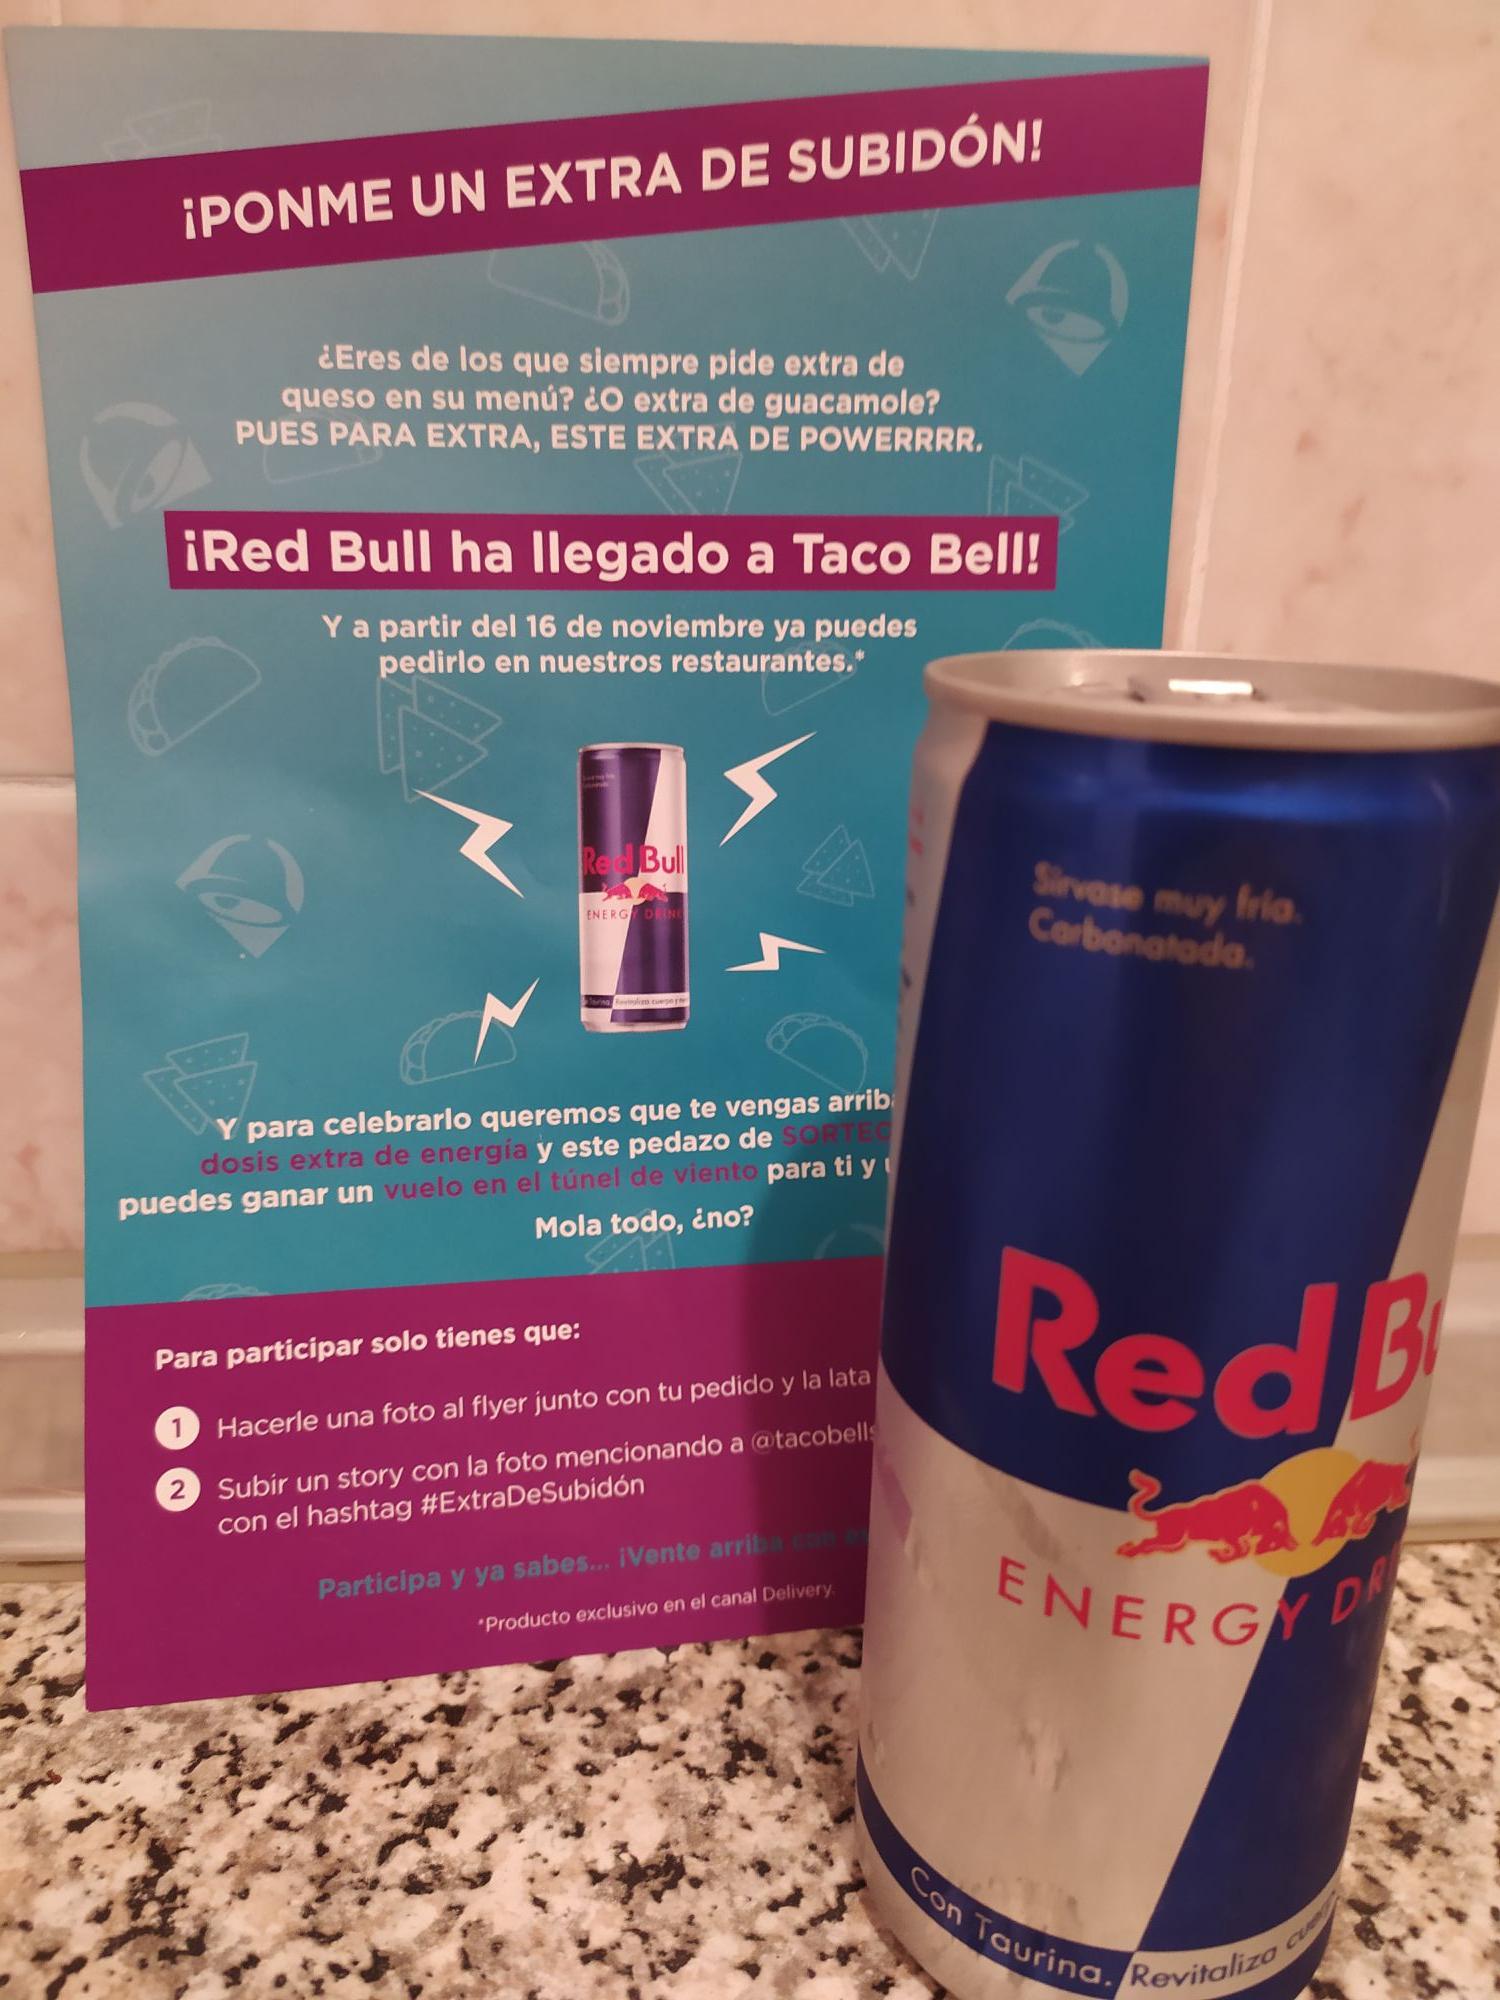 Obsequio RedBull con tu pedido en Taco Bell (Solo Delivery)